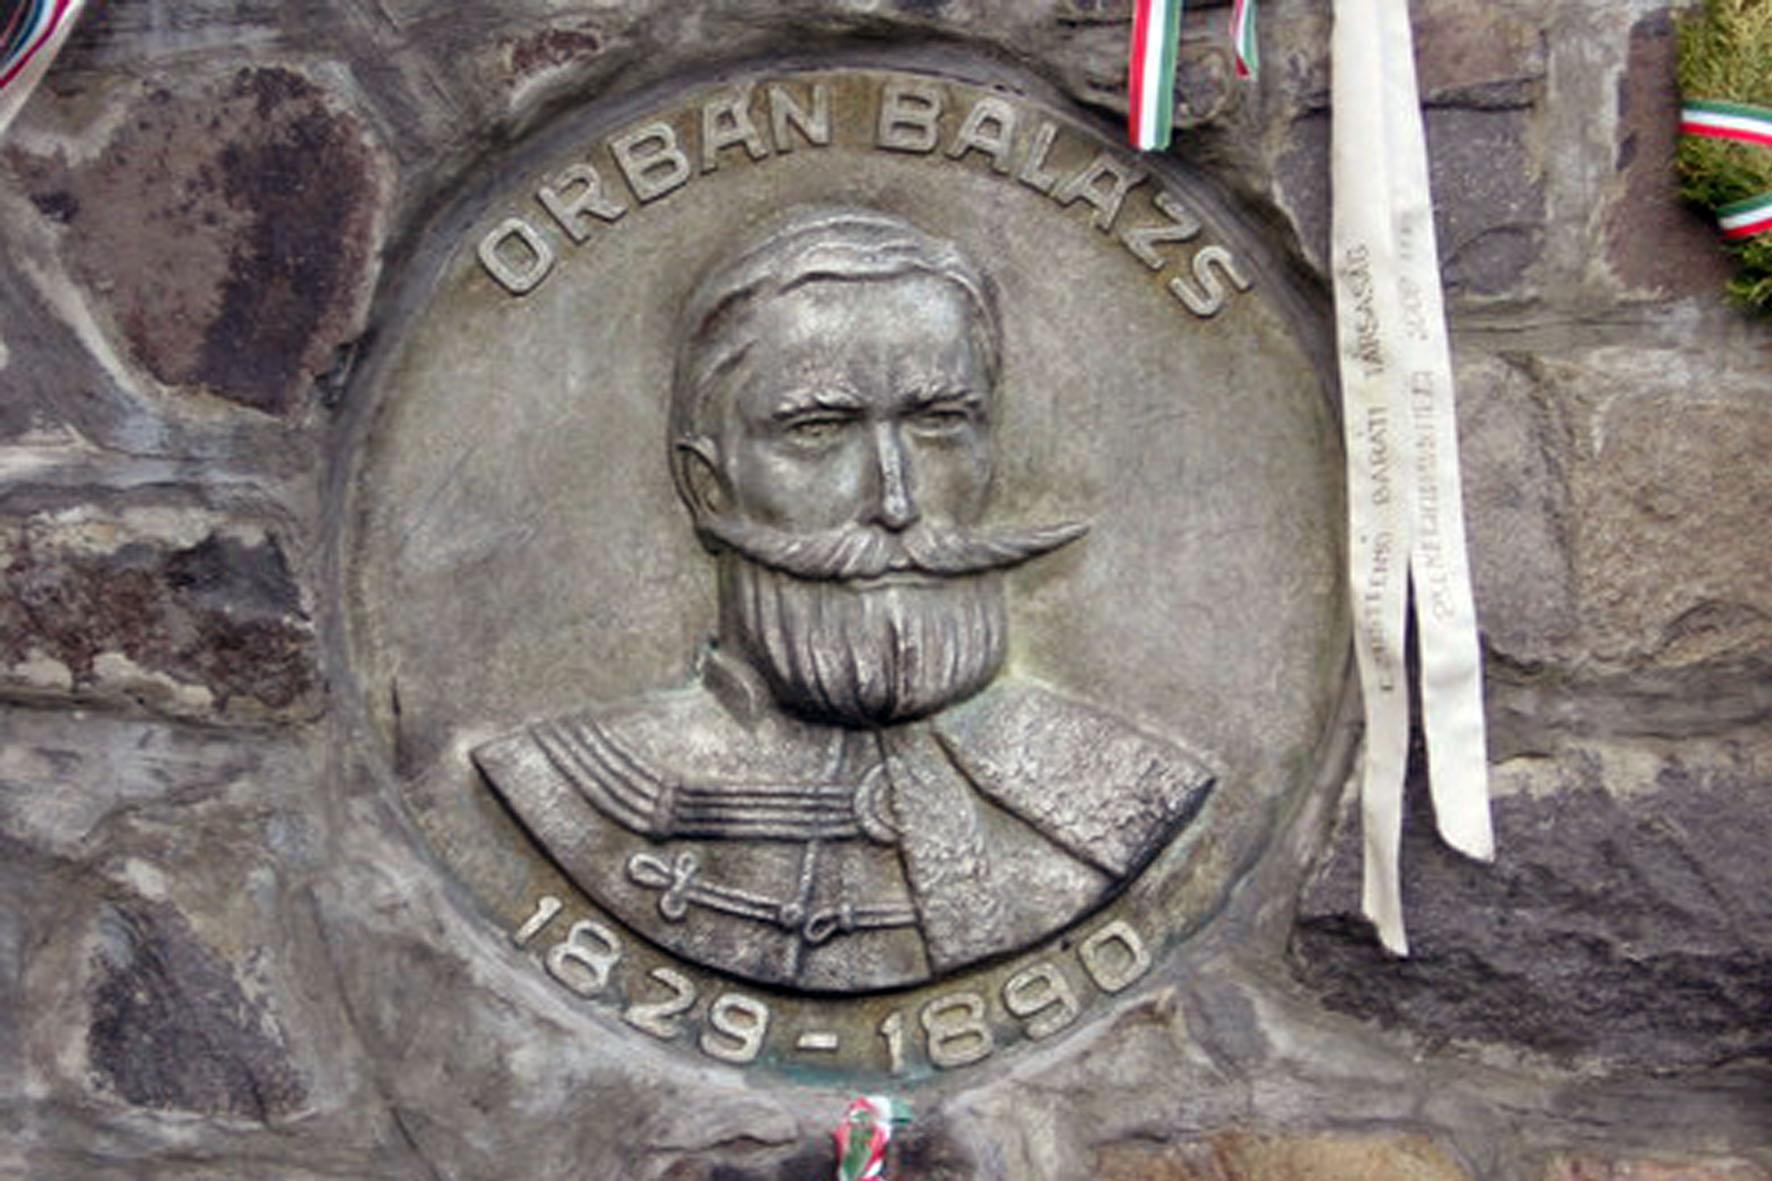 orban-balazs